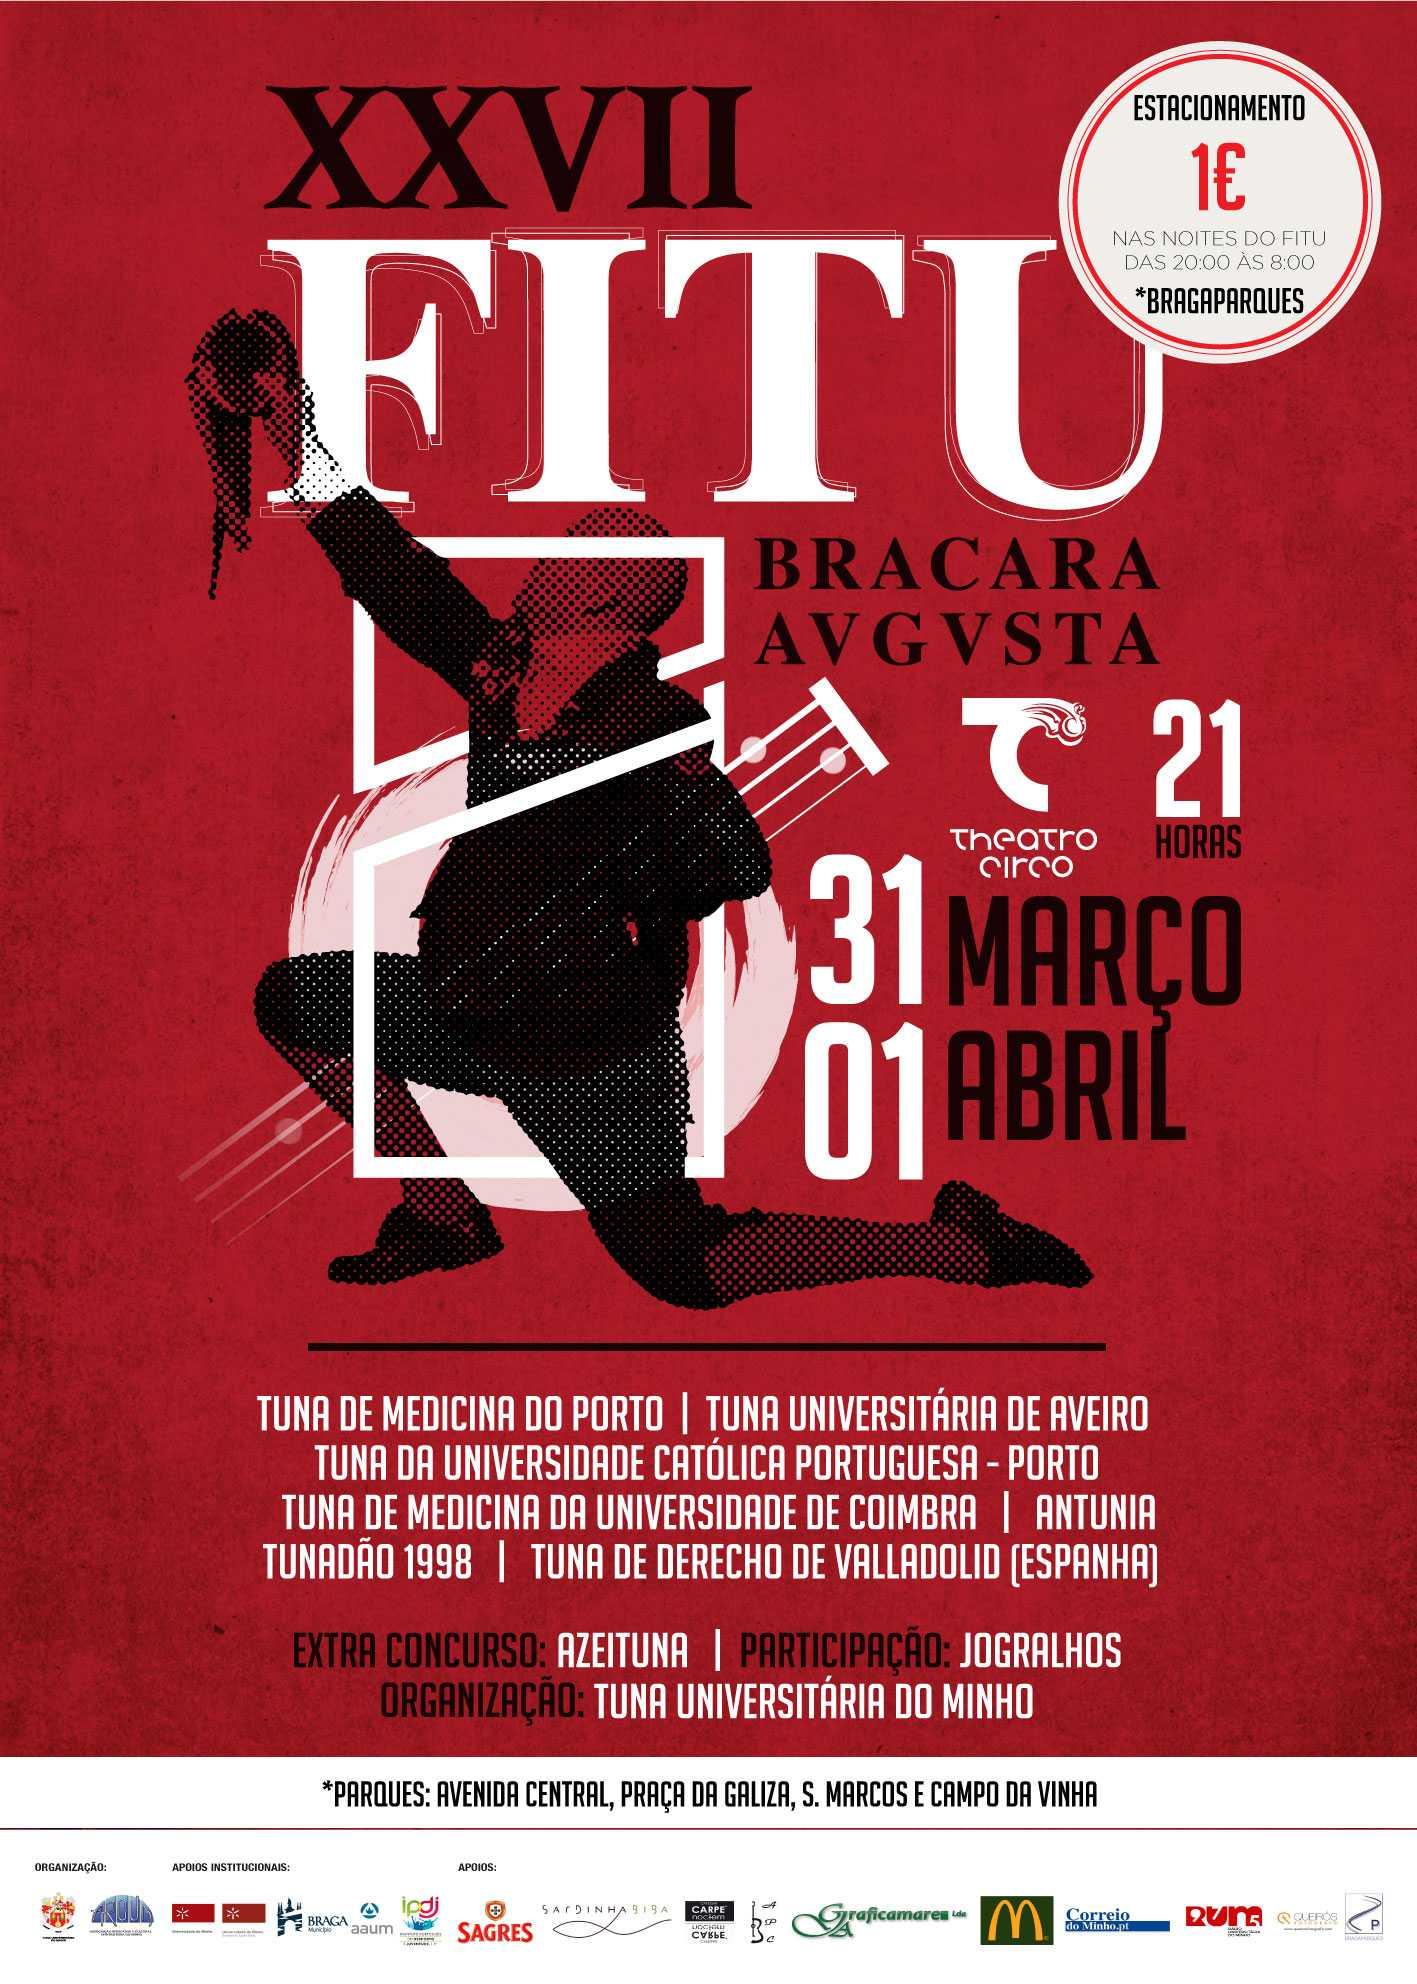 XXVII-FITU-Bracara-Avgvsta-2017-tunas-universitárias-braga-theatro-circo